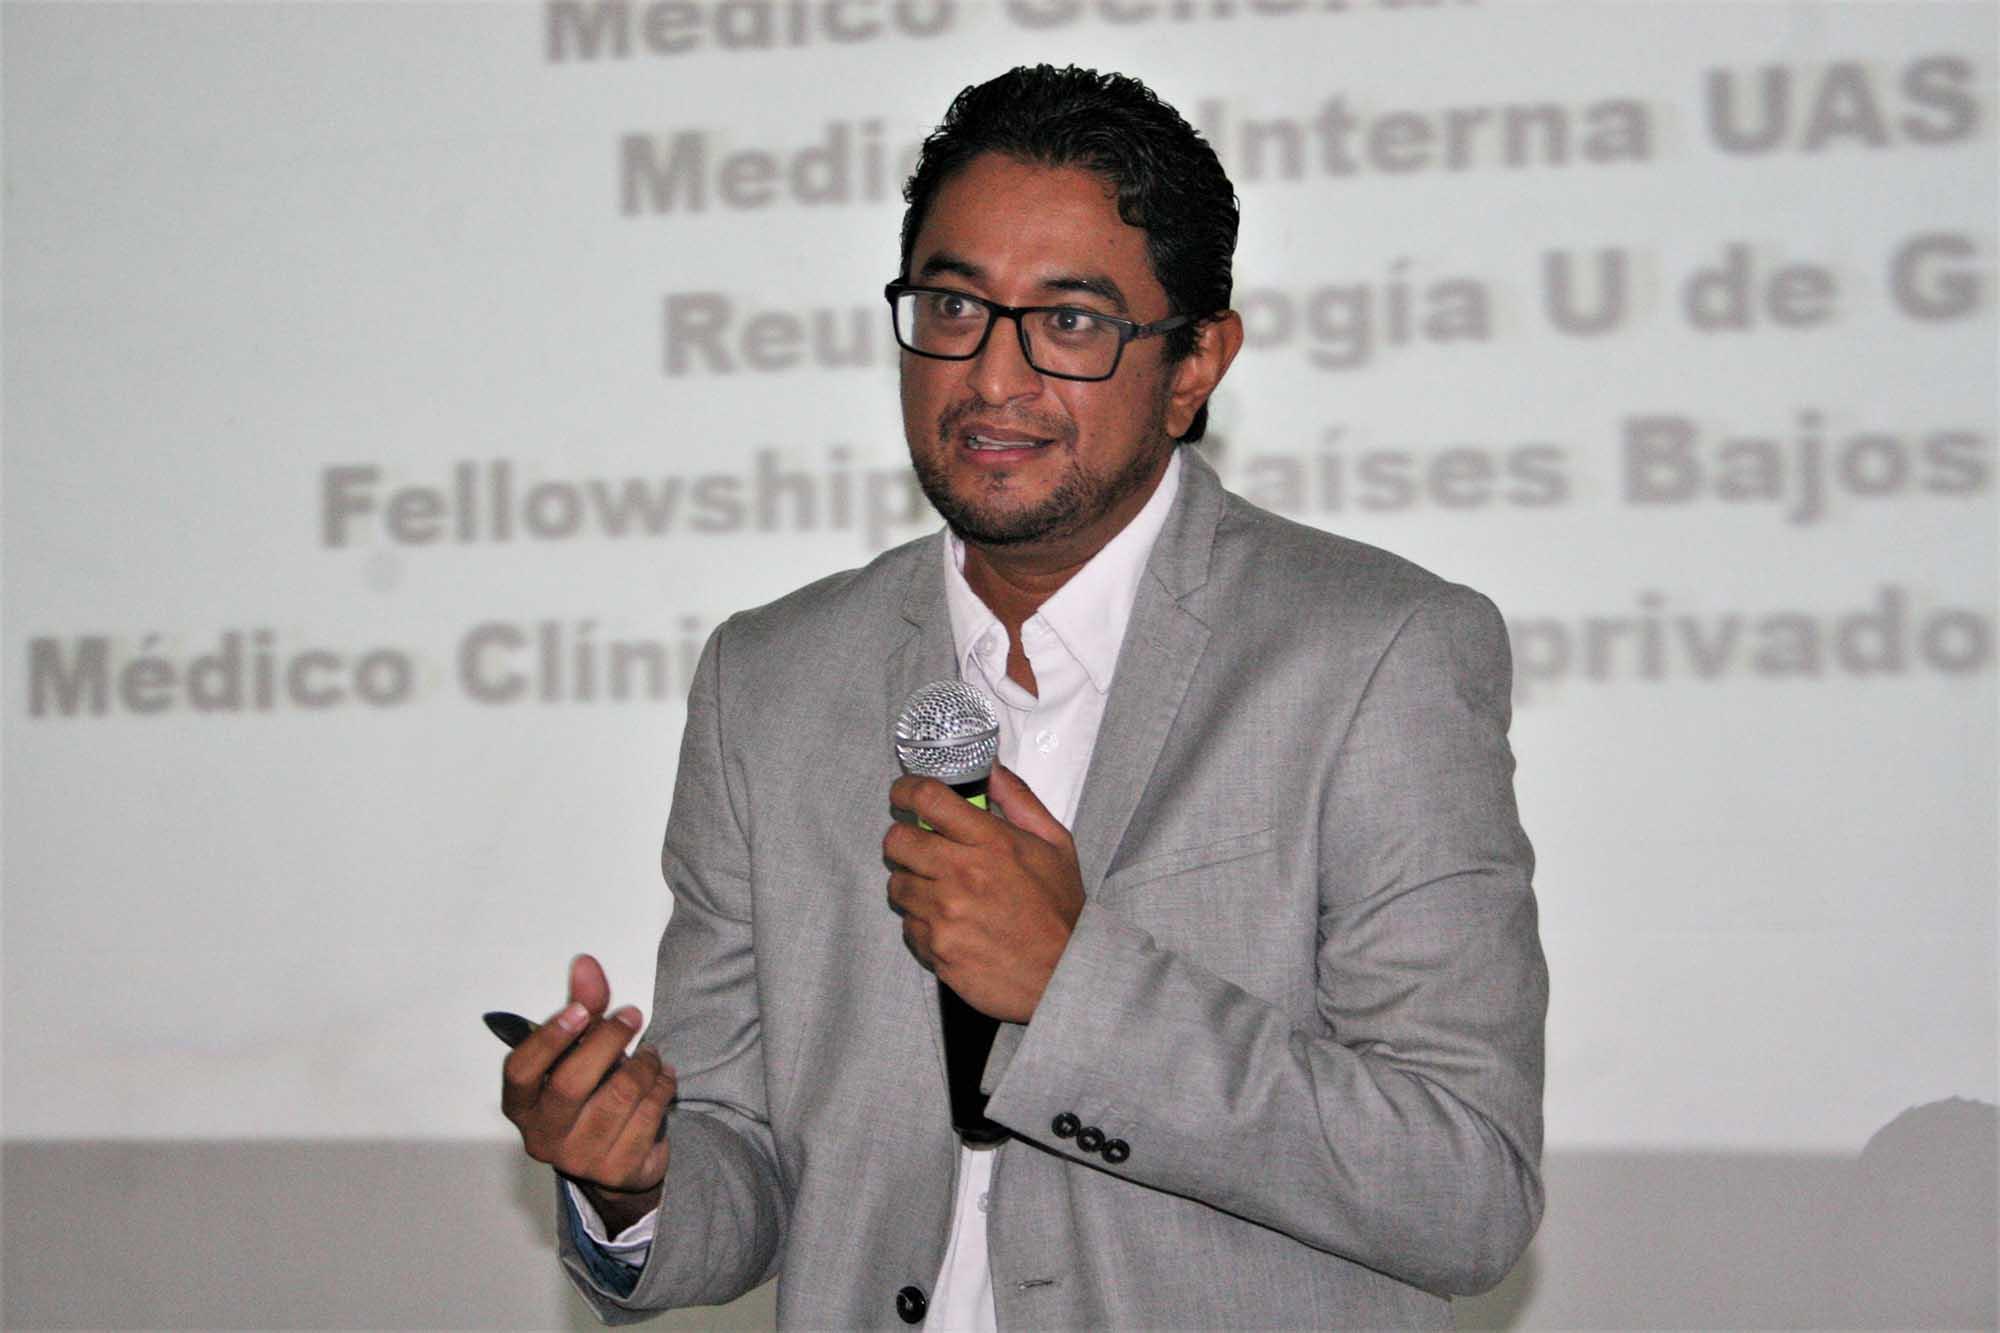 Conferencia reumatismo 091019